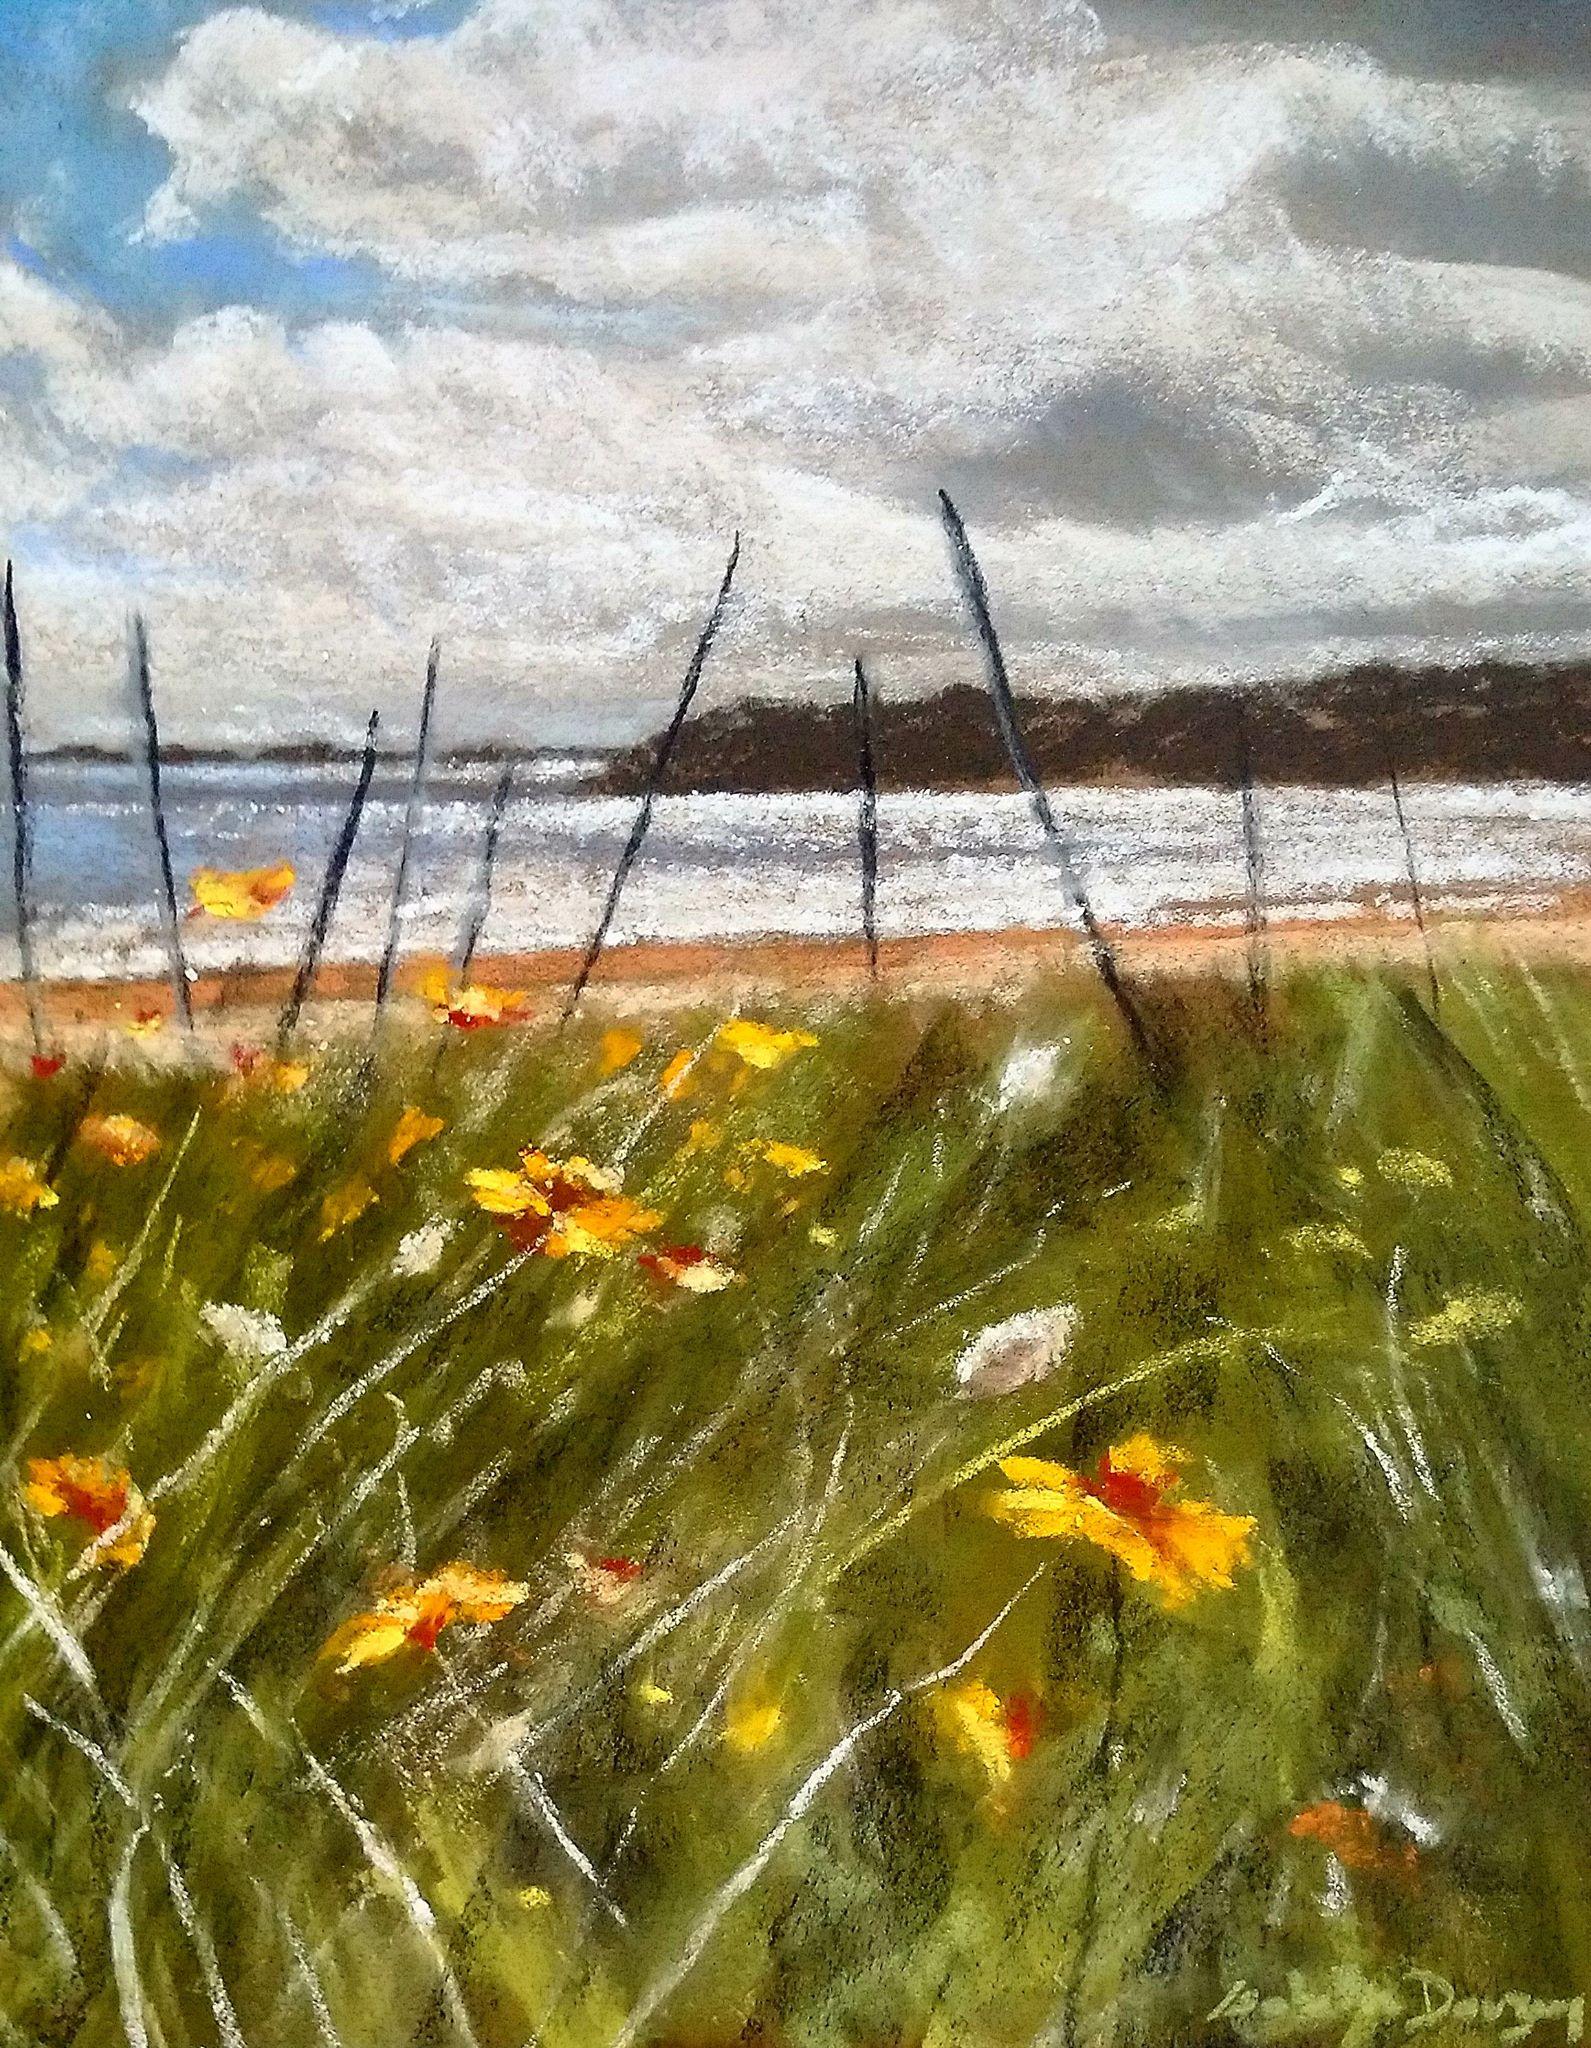 Cordon dunaire Saint-Cast - Peinture au pastel sec par l'artiste peintre Isabelle Douzamy - 45x41 cm (encadré)